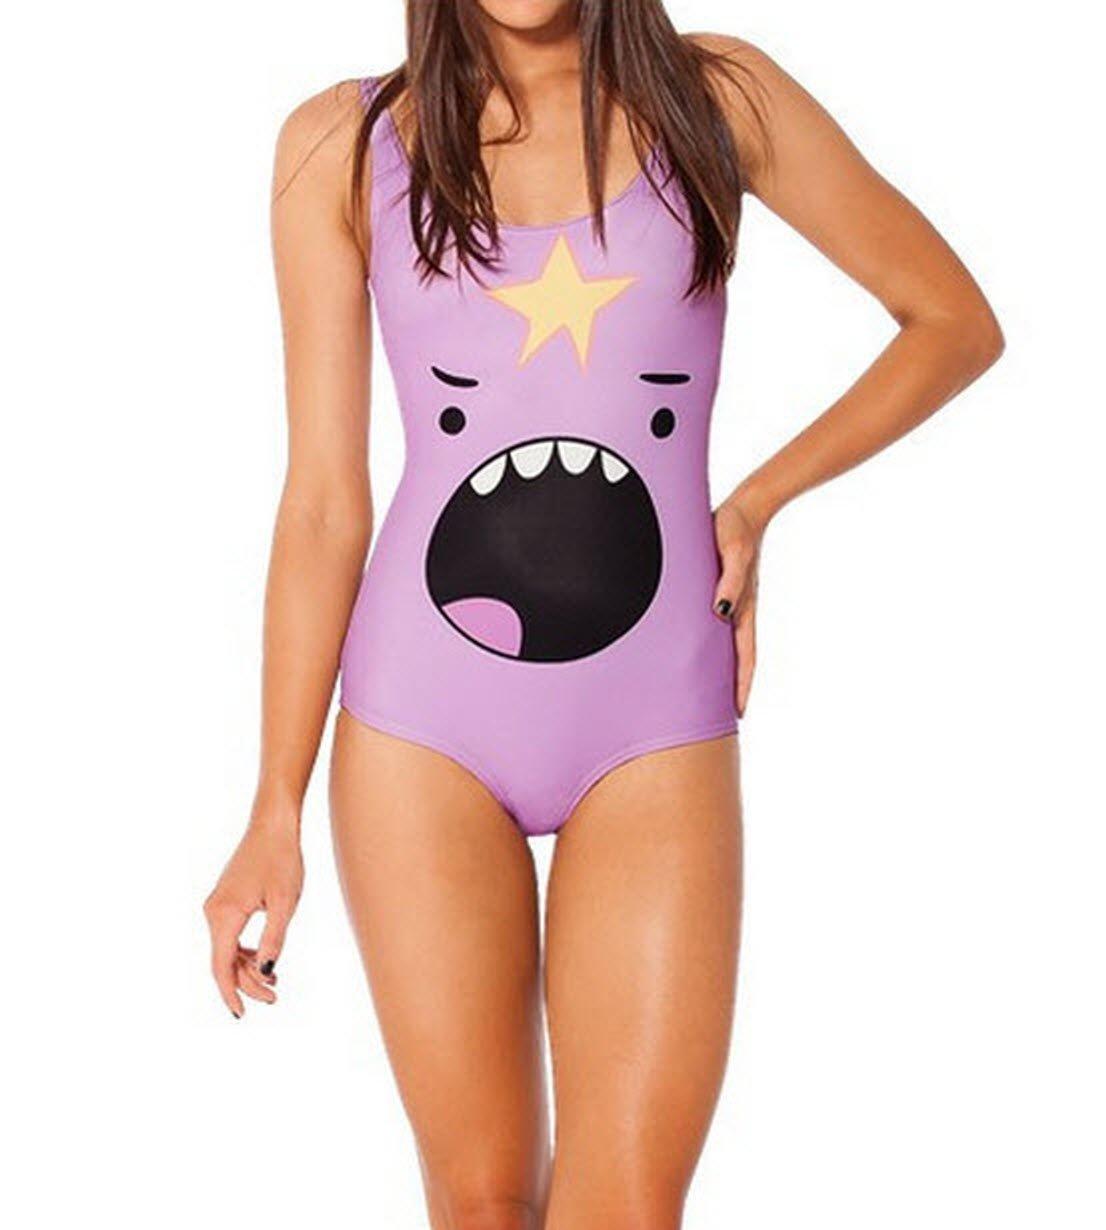 Lumpy Space Princess one piece bikini GOMOSWIM